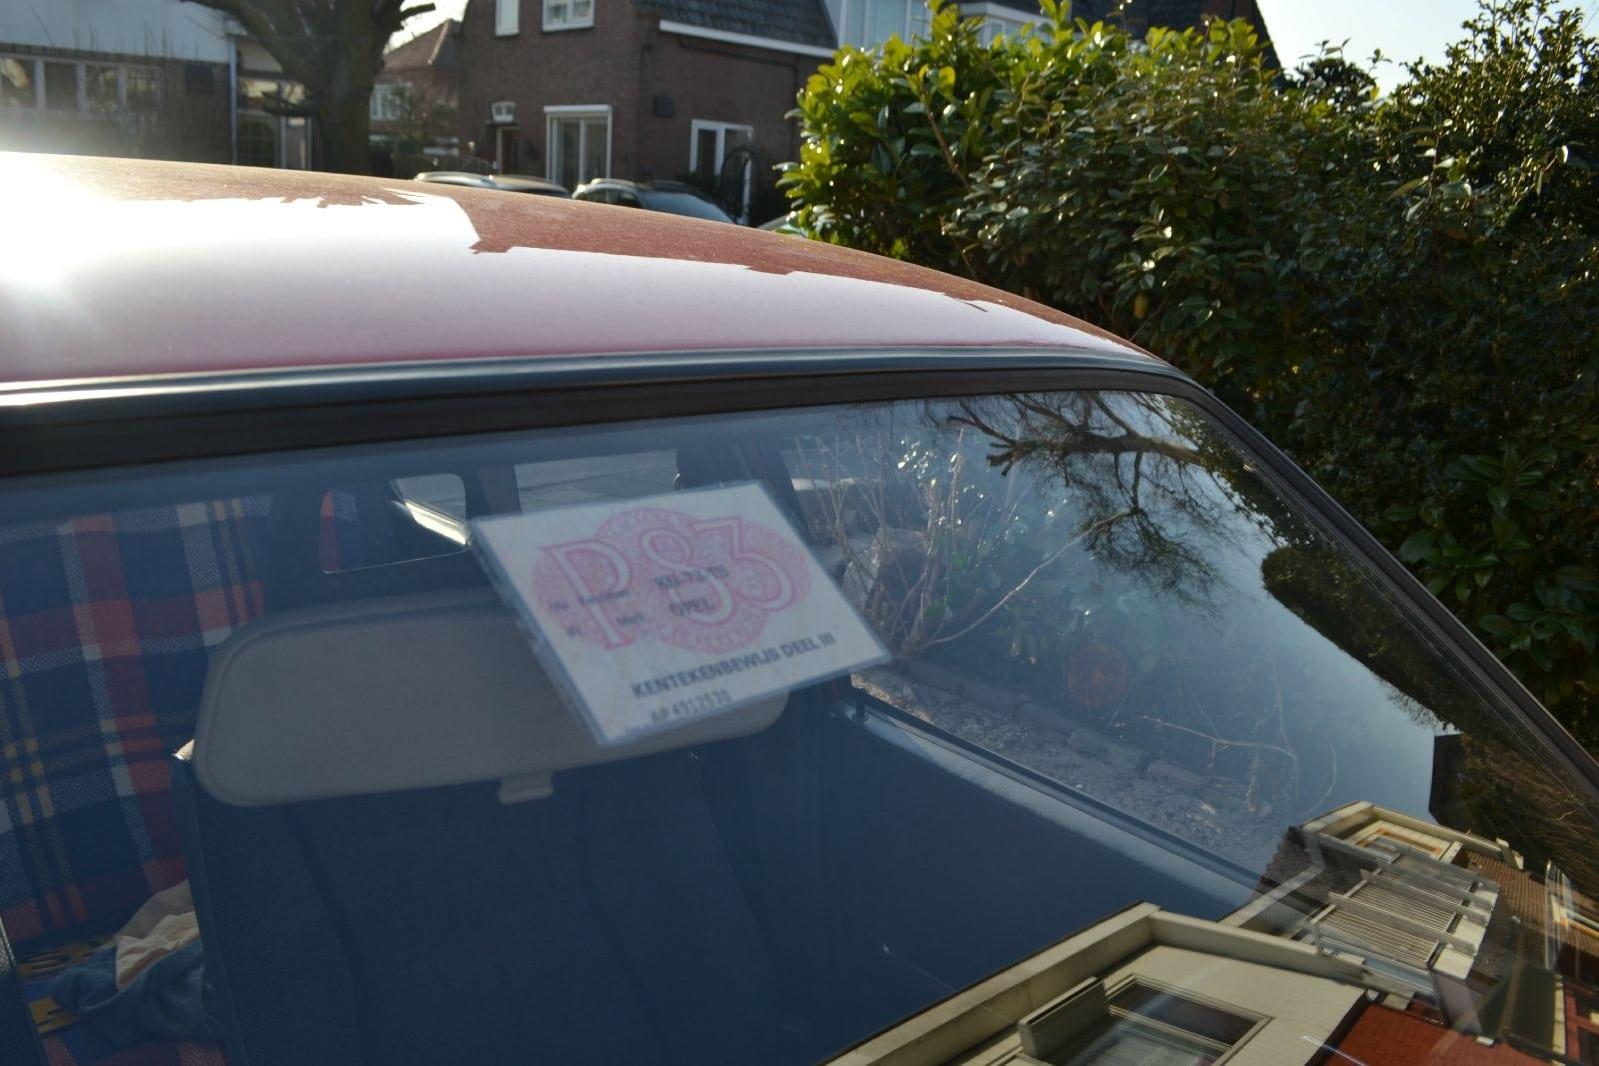 www.mijnalbum.nl/GroteFoto-QSHSHPIS.jpg